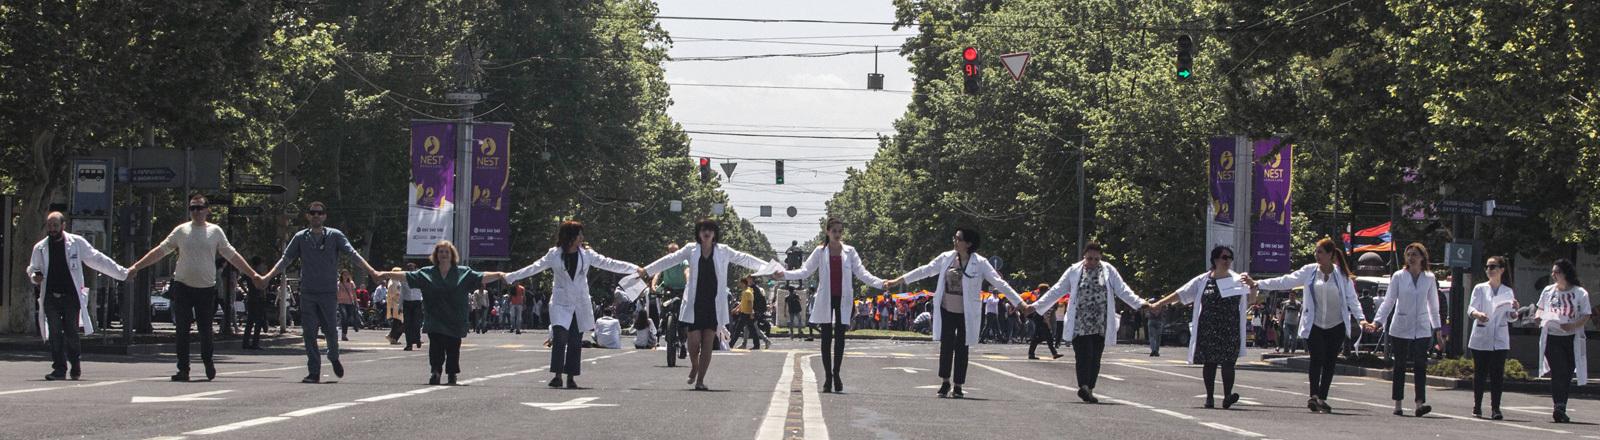 Auf einer Straße in Eriwan laufen Klinikangestellte in weißen Kitteln. Sie halten sich an den Händen. Auf der Straße ist kein Verkehr.